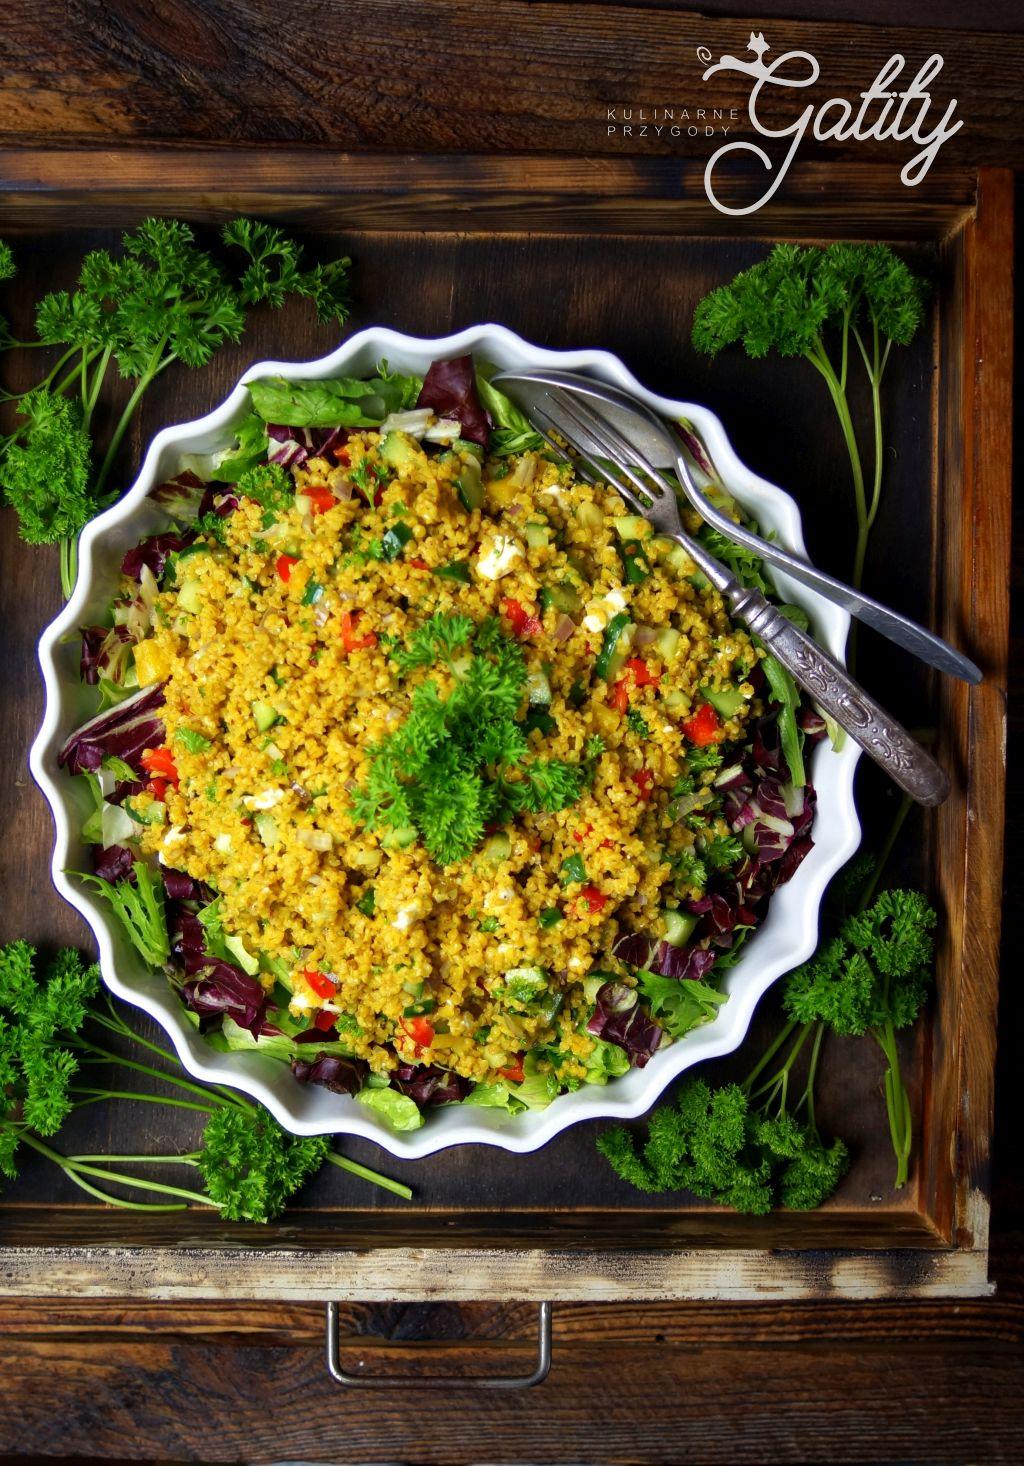 kolorowa-kasza-z-warzywami